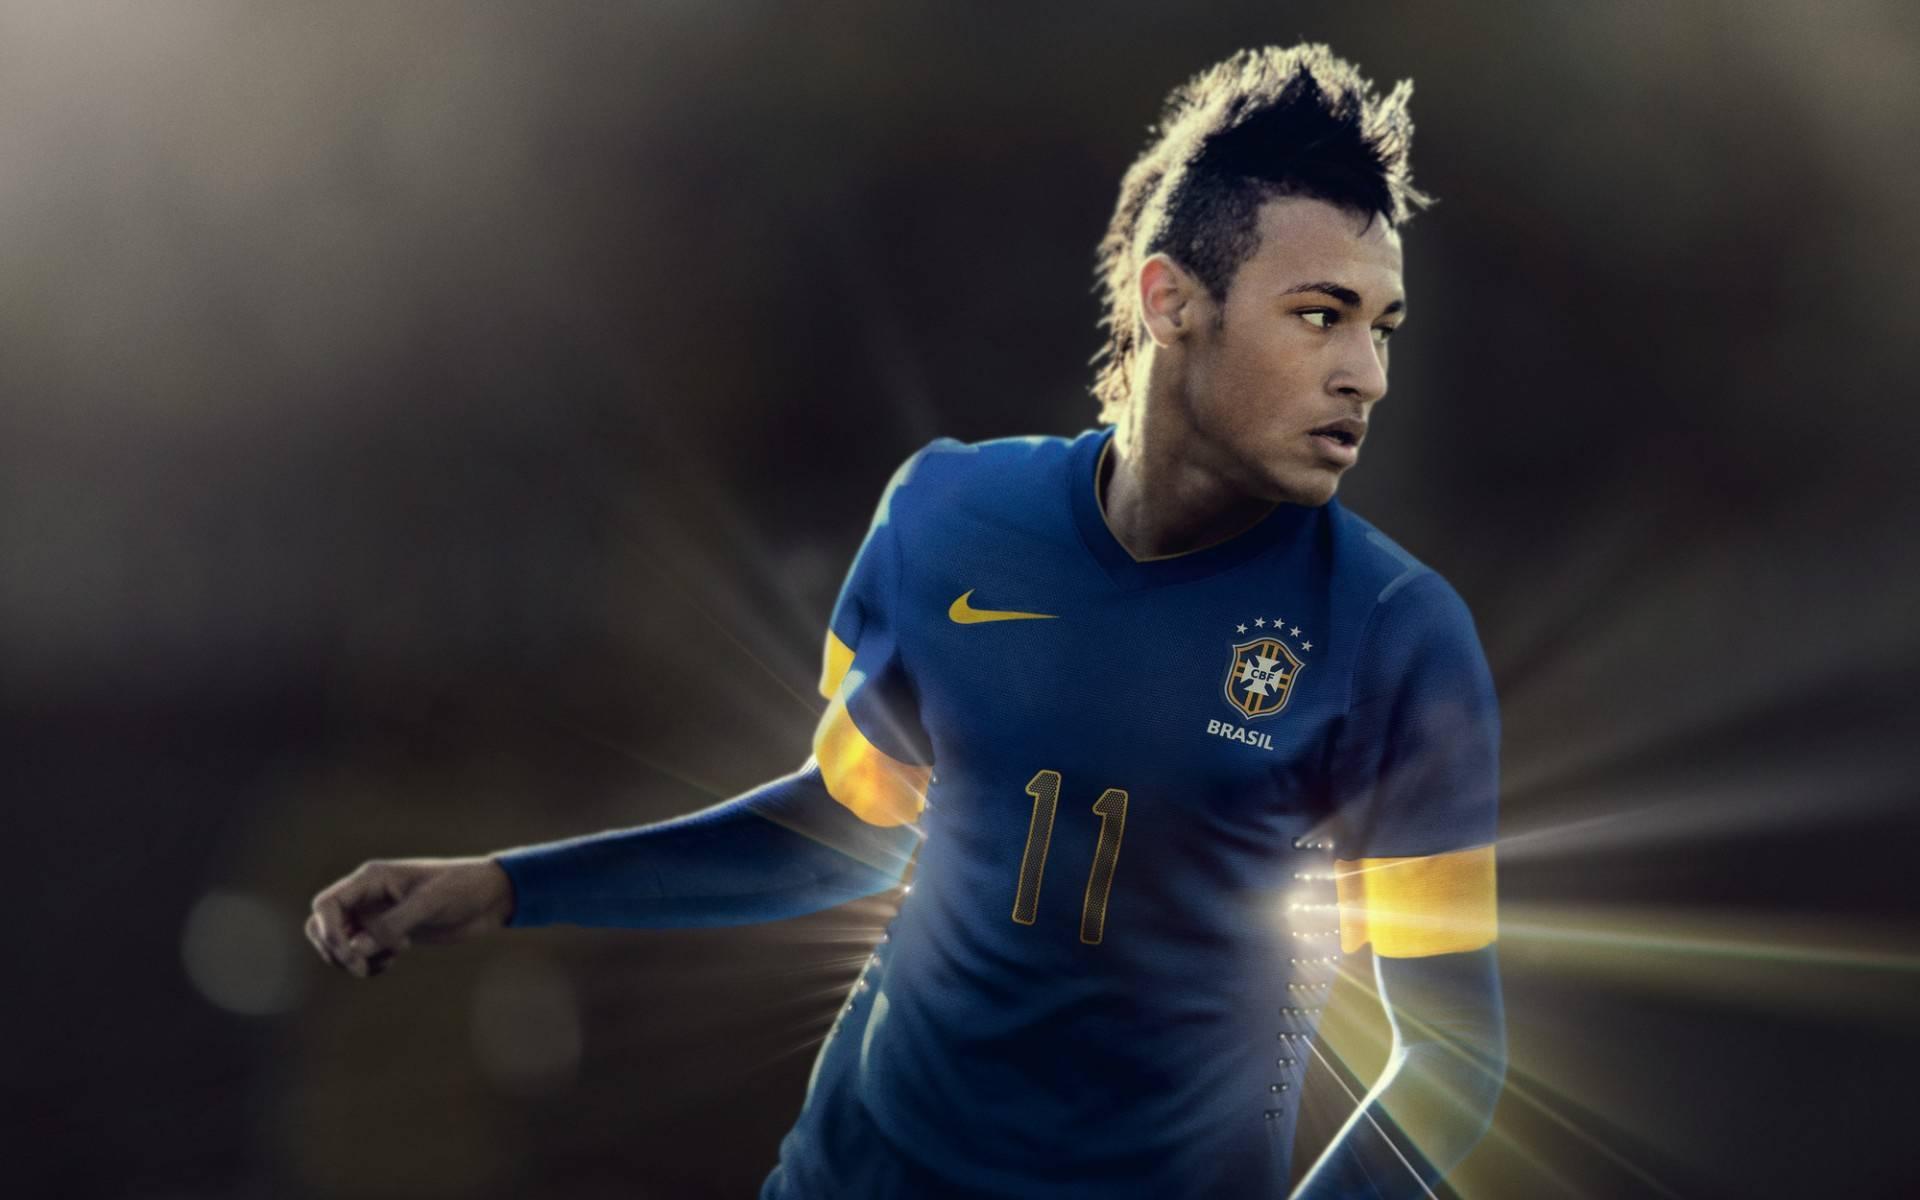 бойфренд красивые фотографии футболистов легко копировать